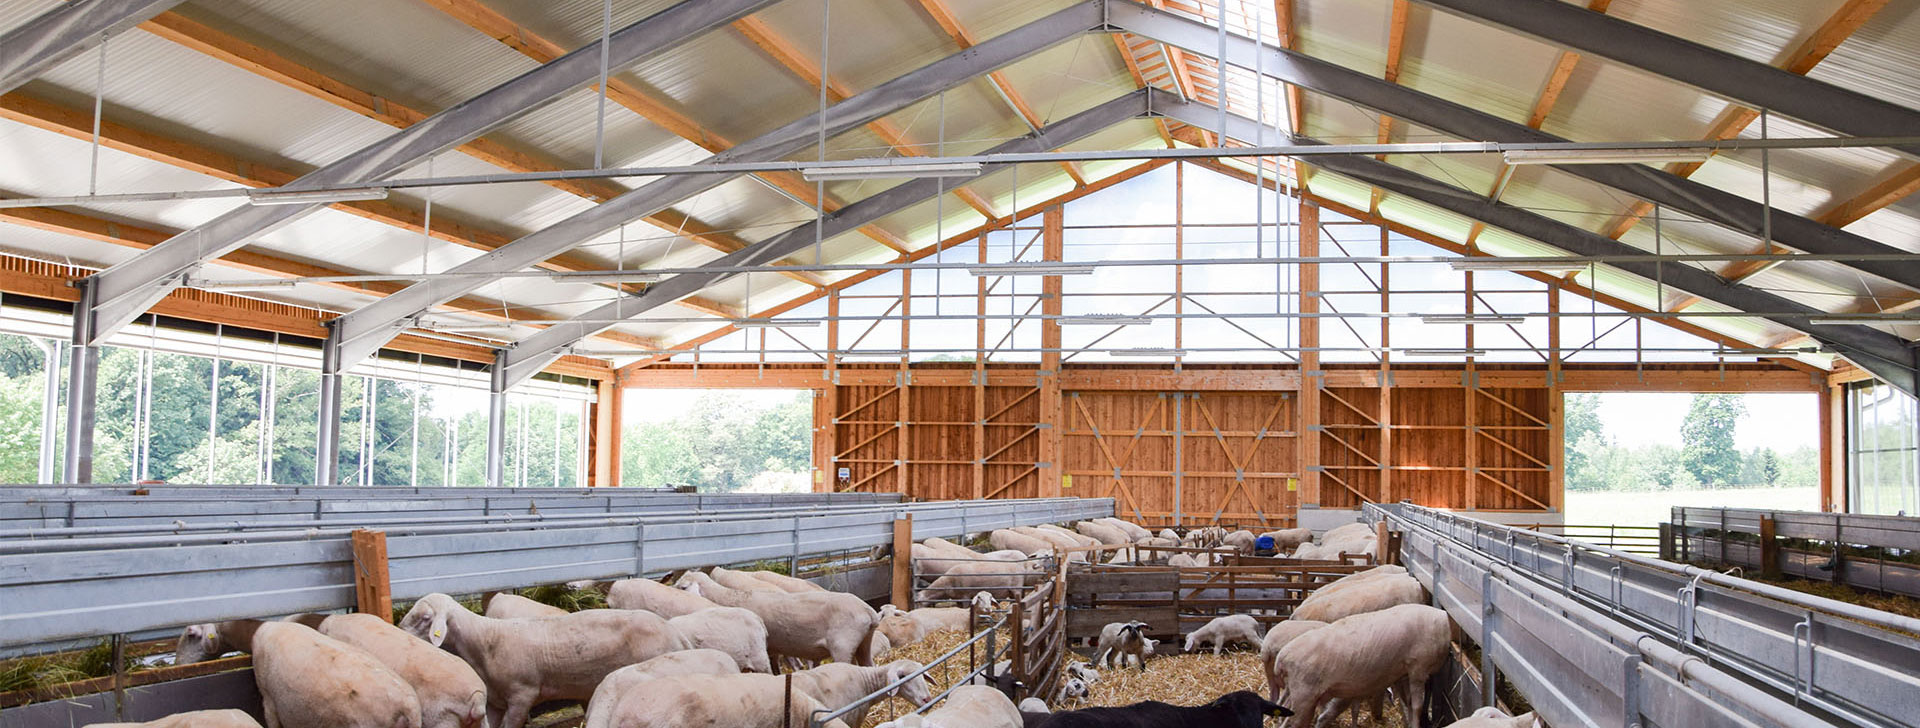 Ställe für Kaninchen, Ziegen, Schafe und andere Kleintiere